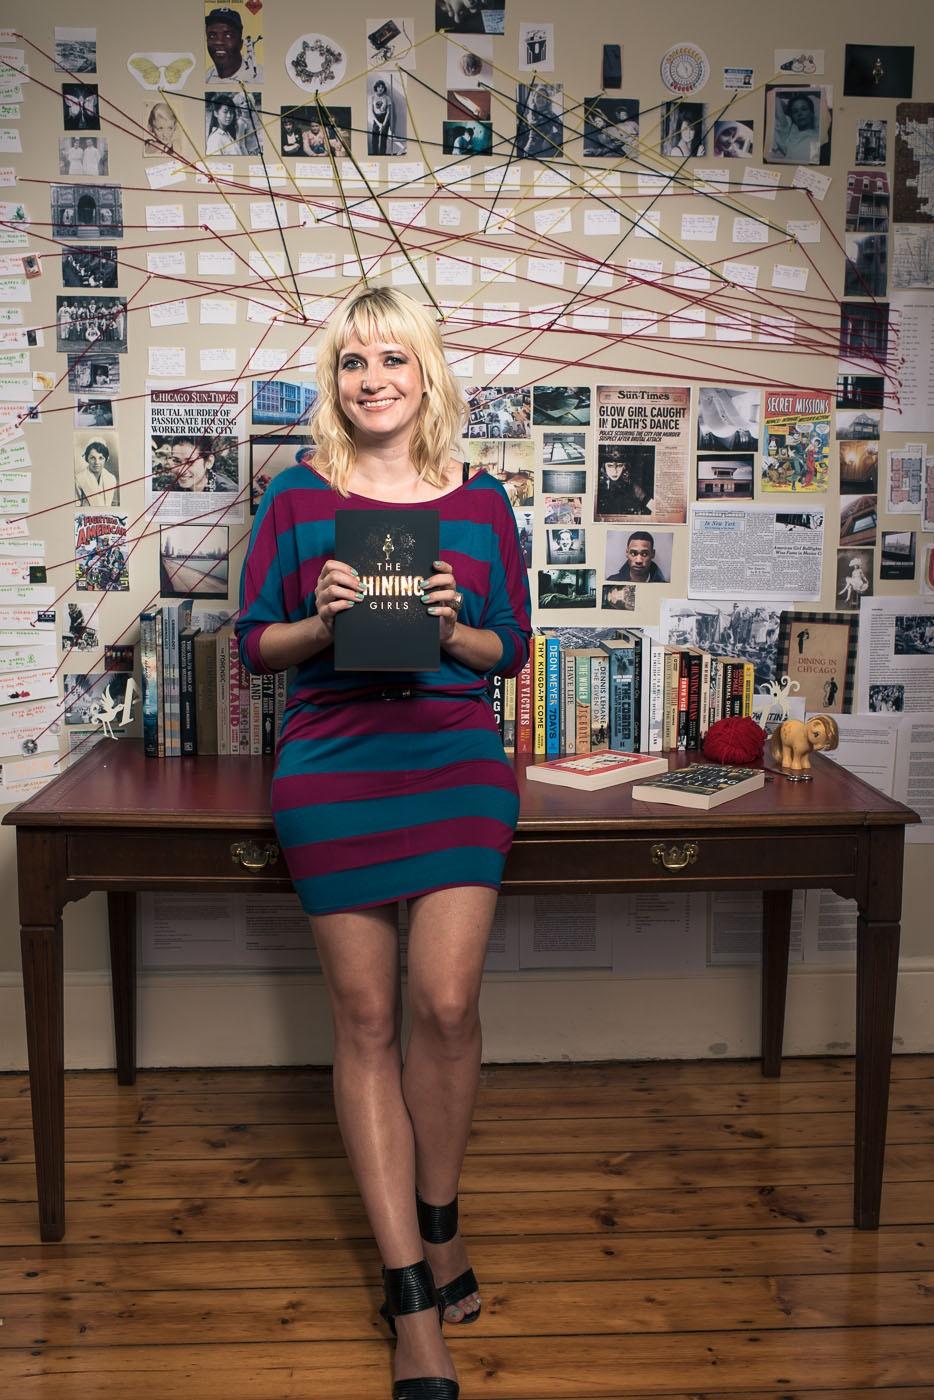 Lauren Beukes. Pic: laurenbeukes.com